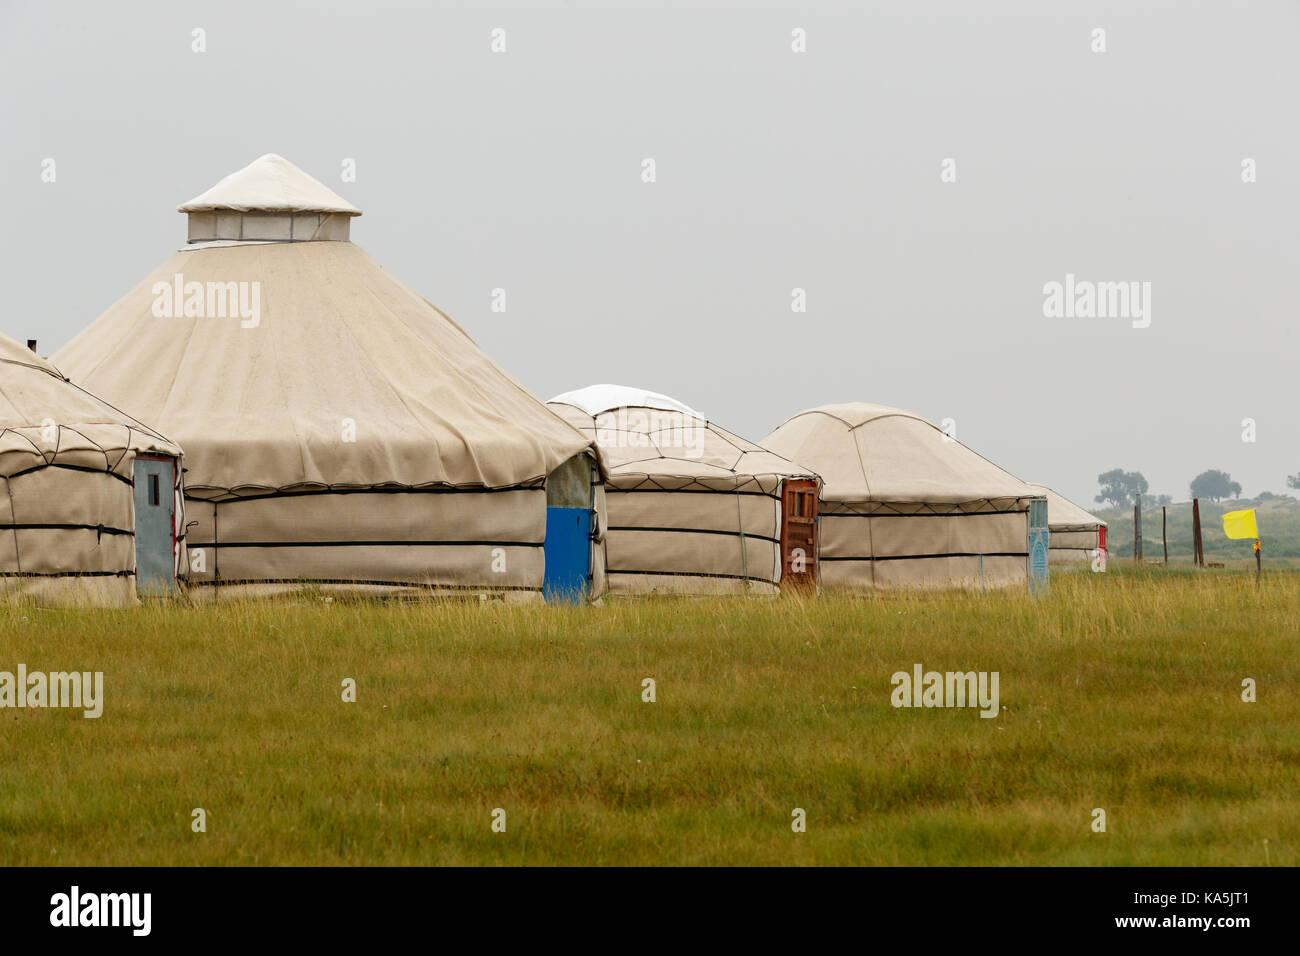 Yurta tradizionali o tende nelle praterie della Mongolia Immagini Stock